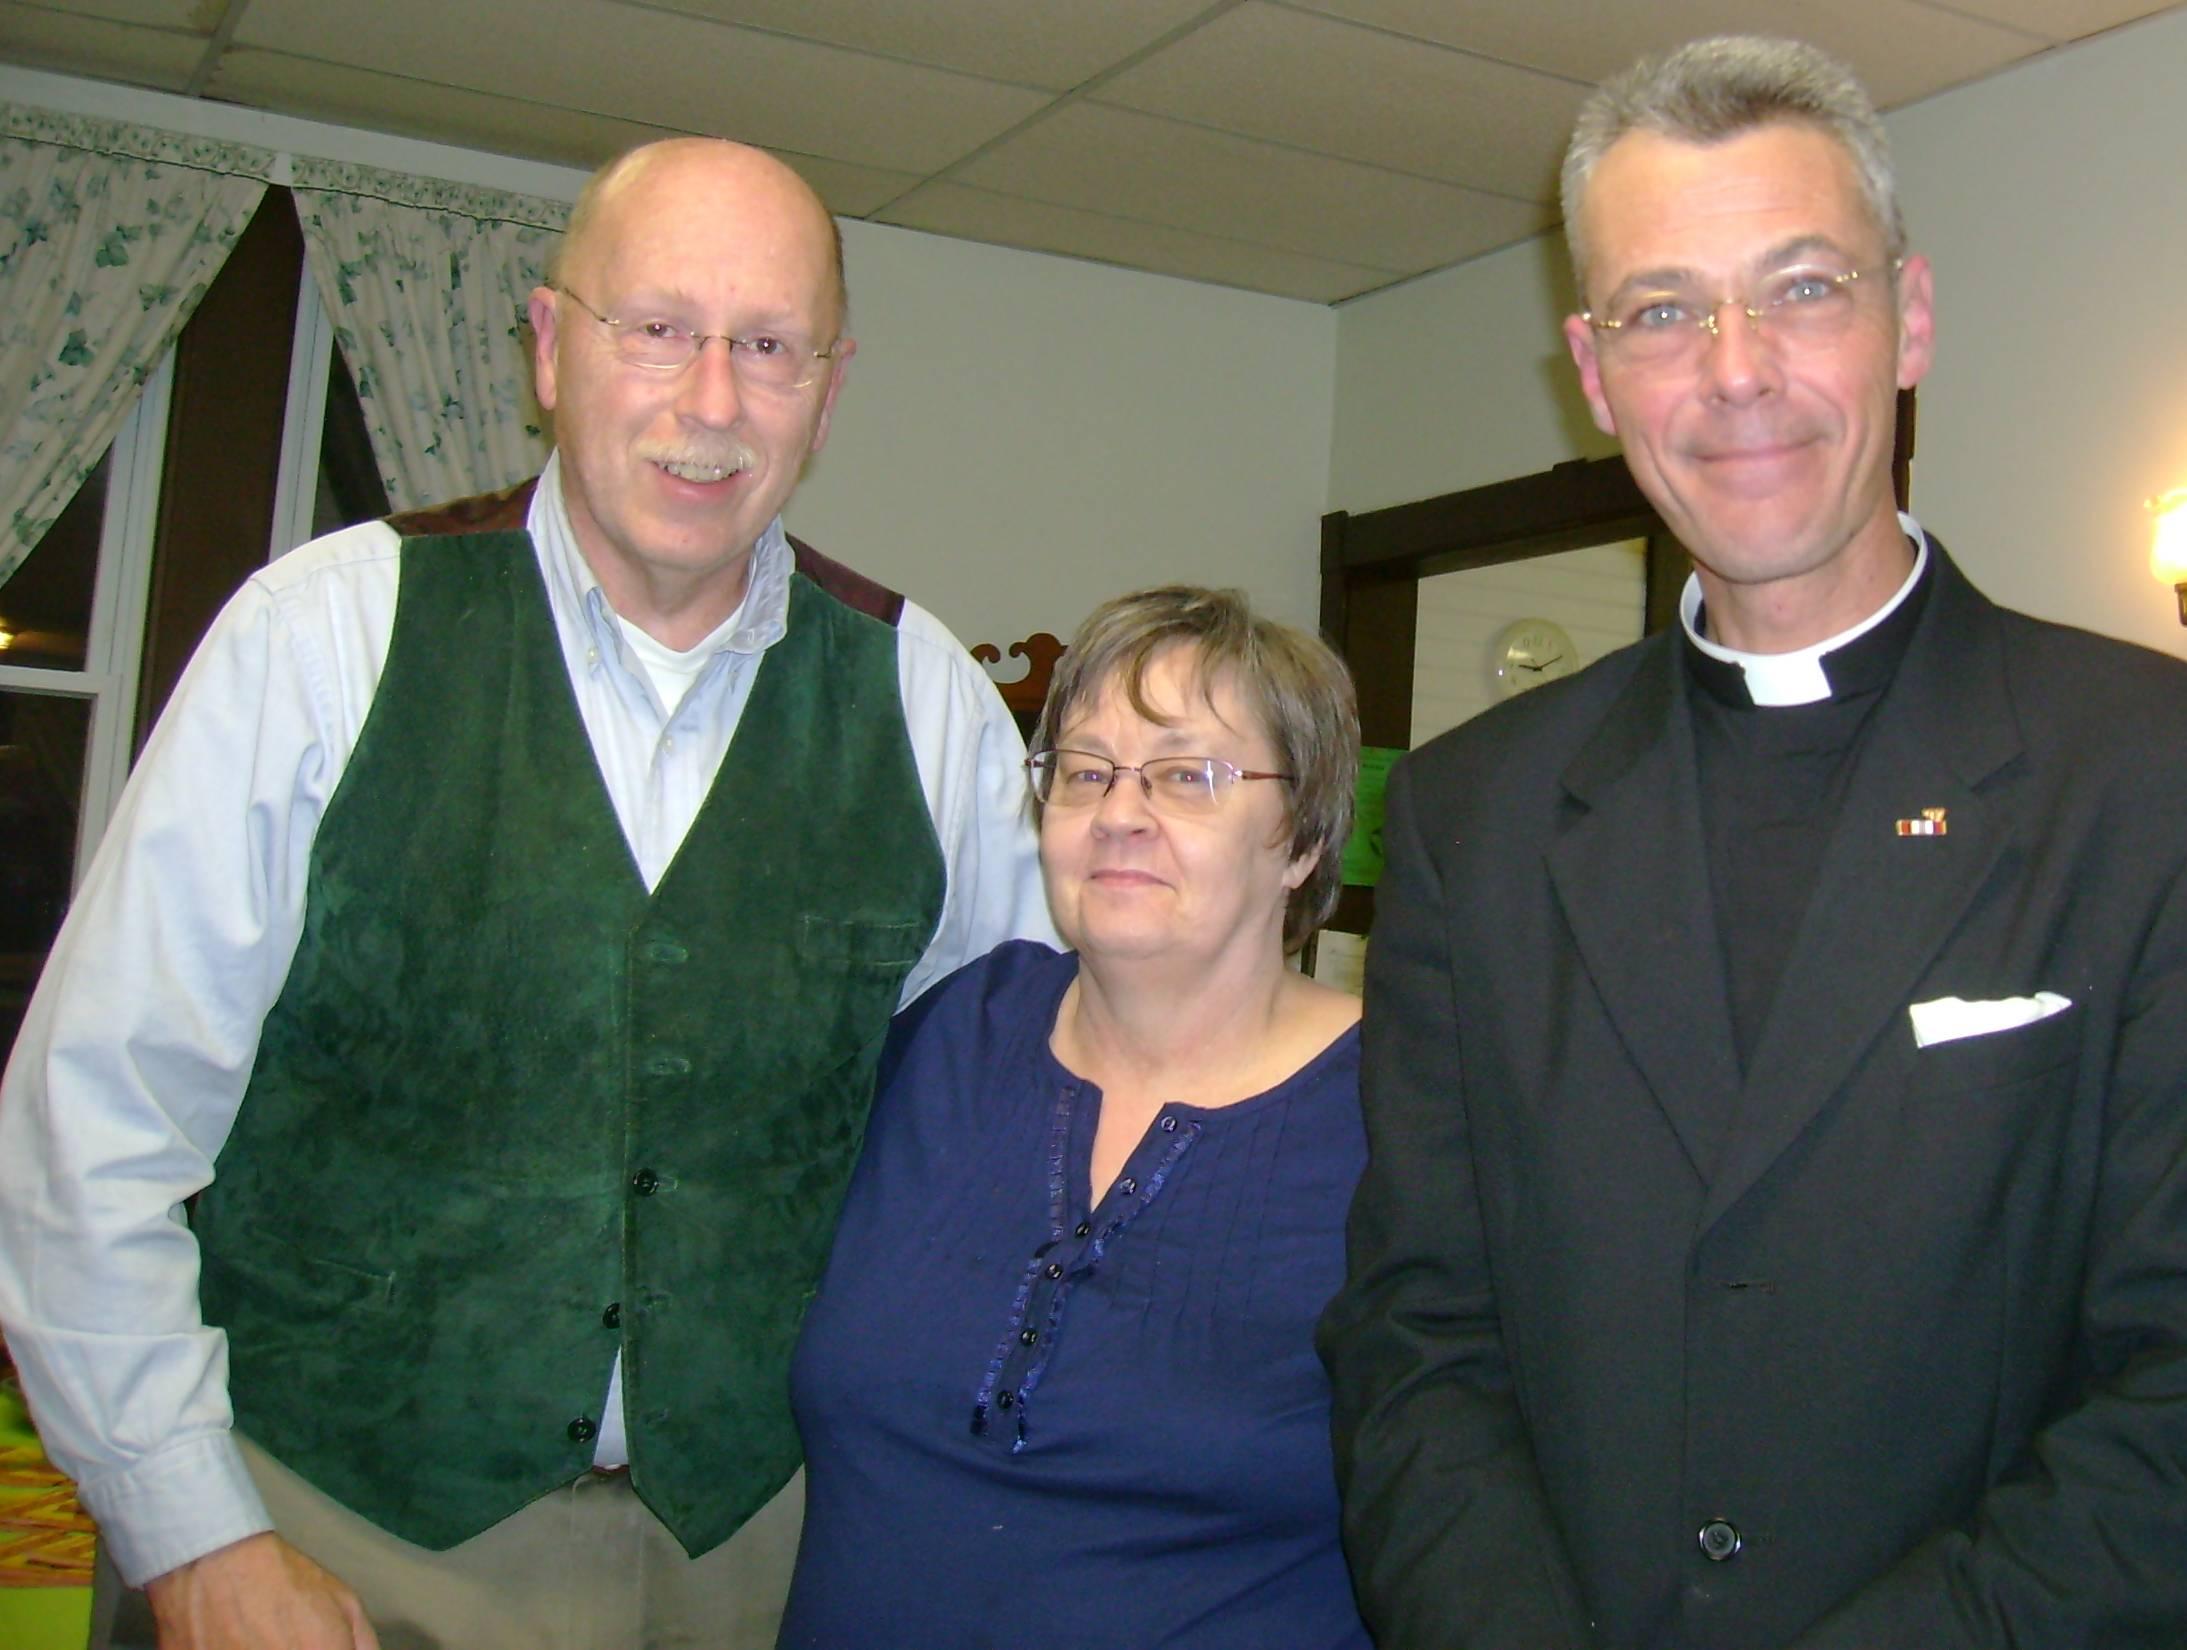 Bob Jones, Joyce and Father Sean